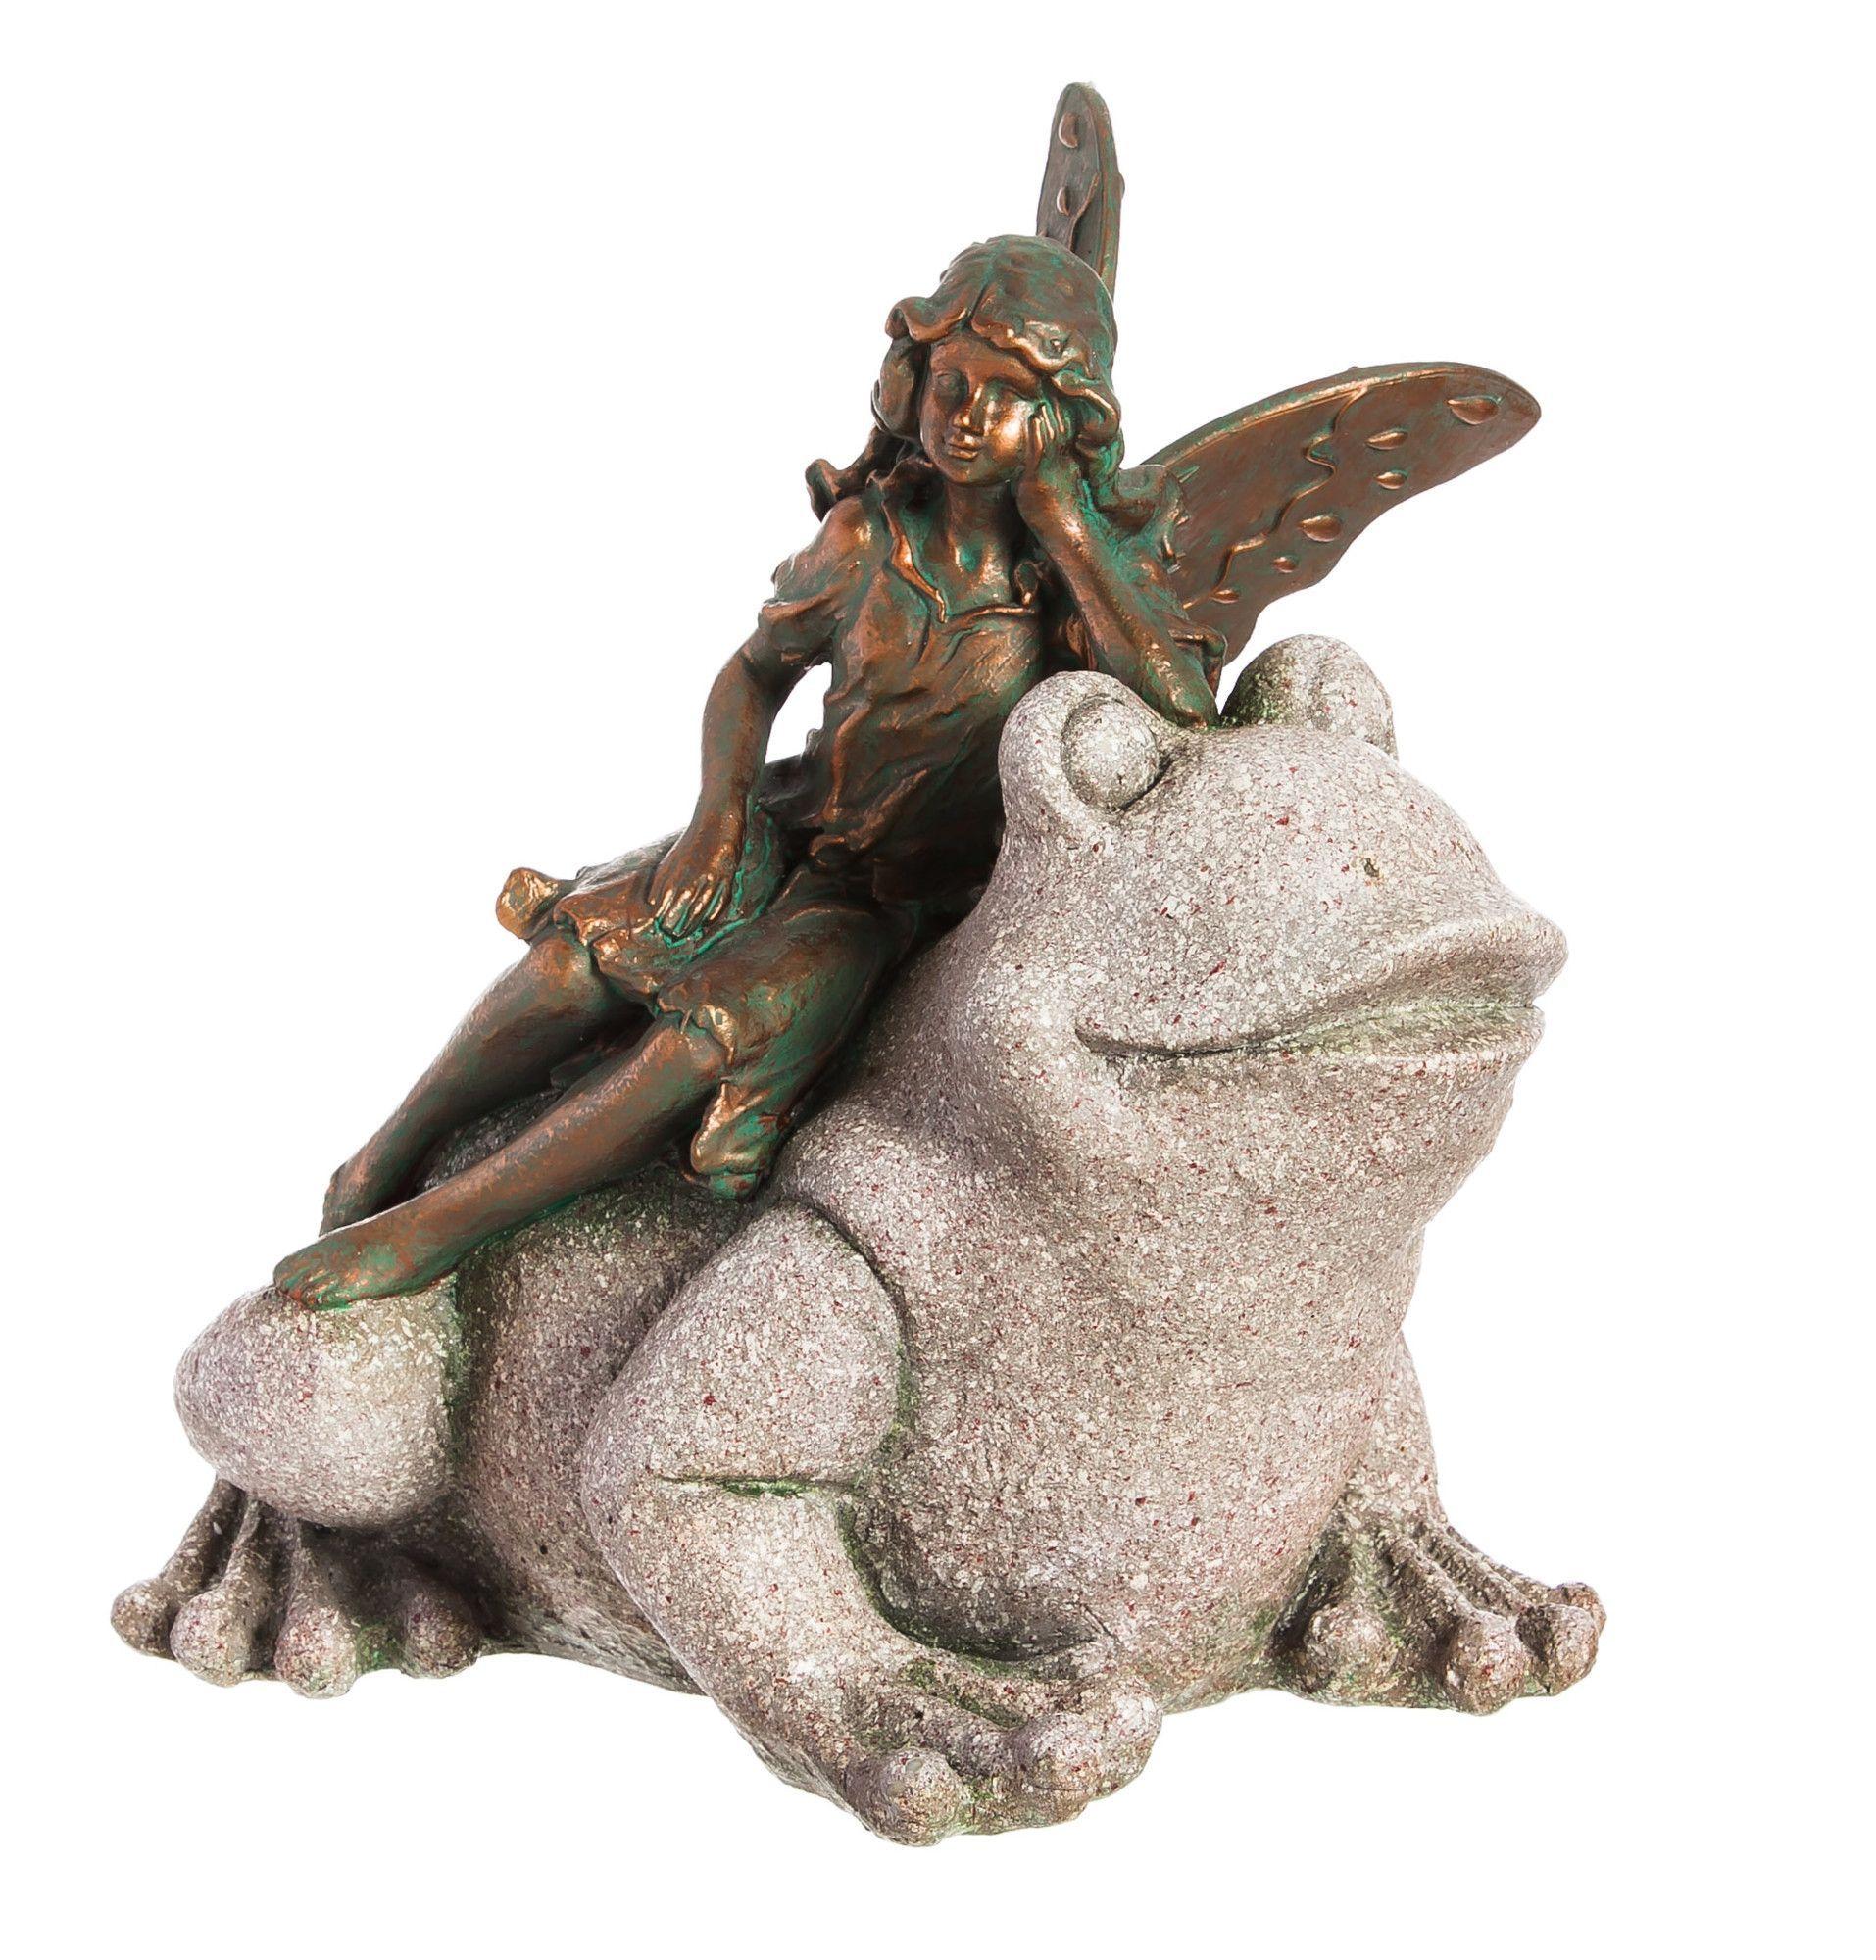 Fairy lawn ornaments - Statue